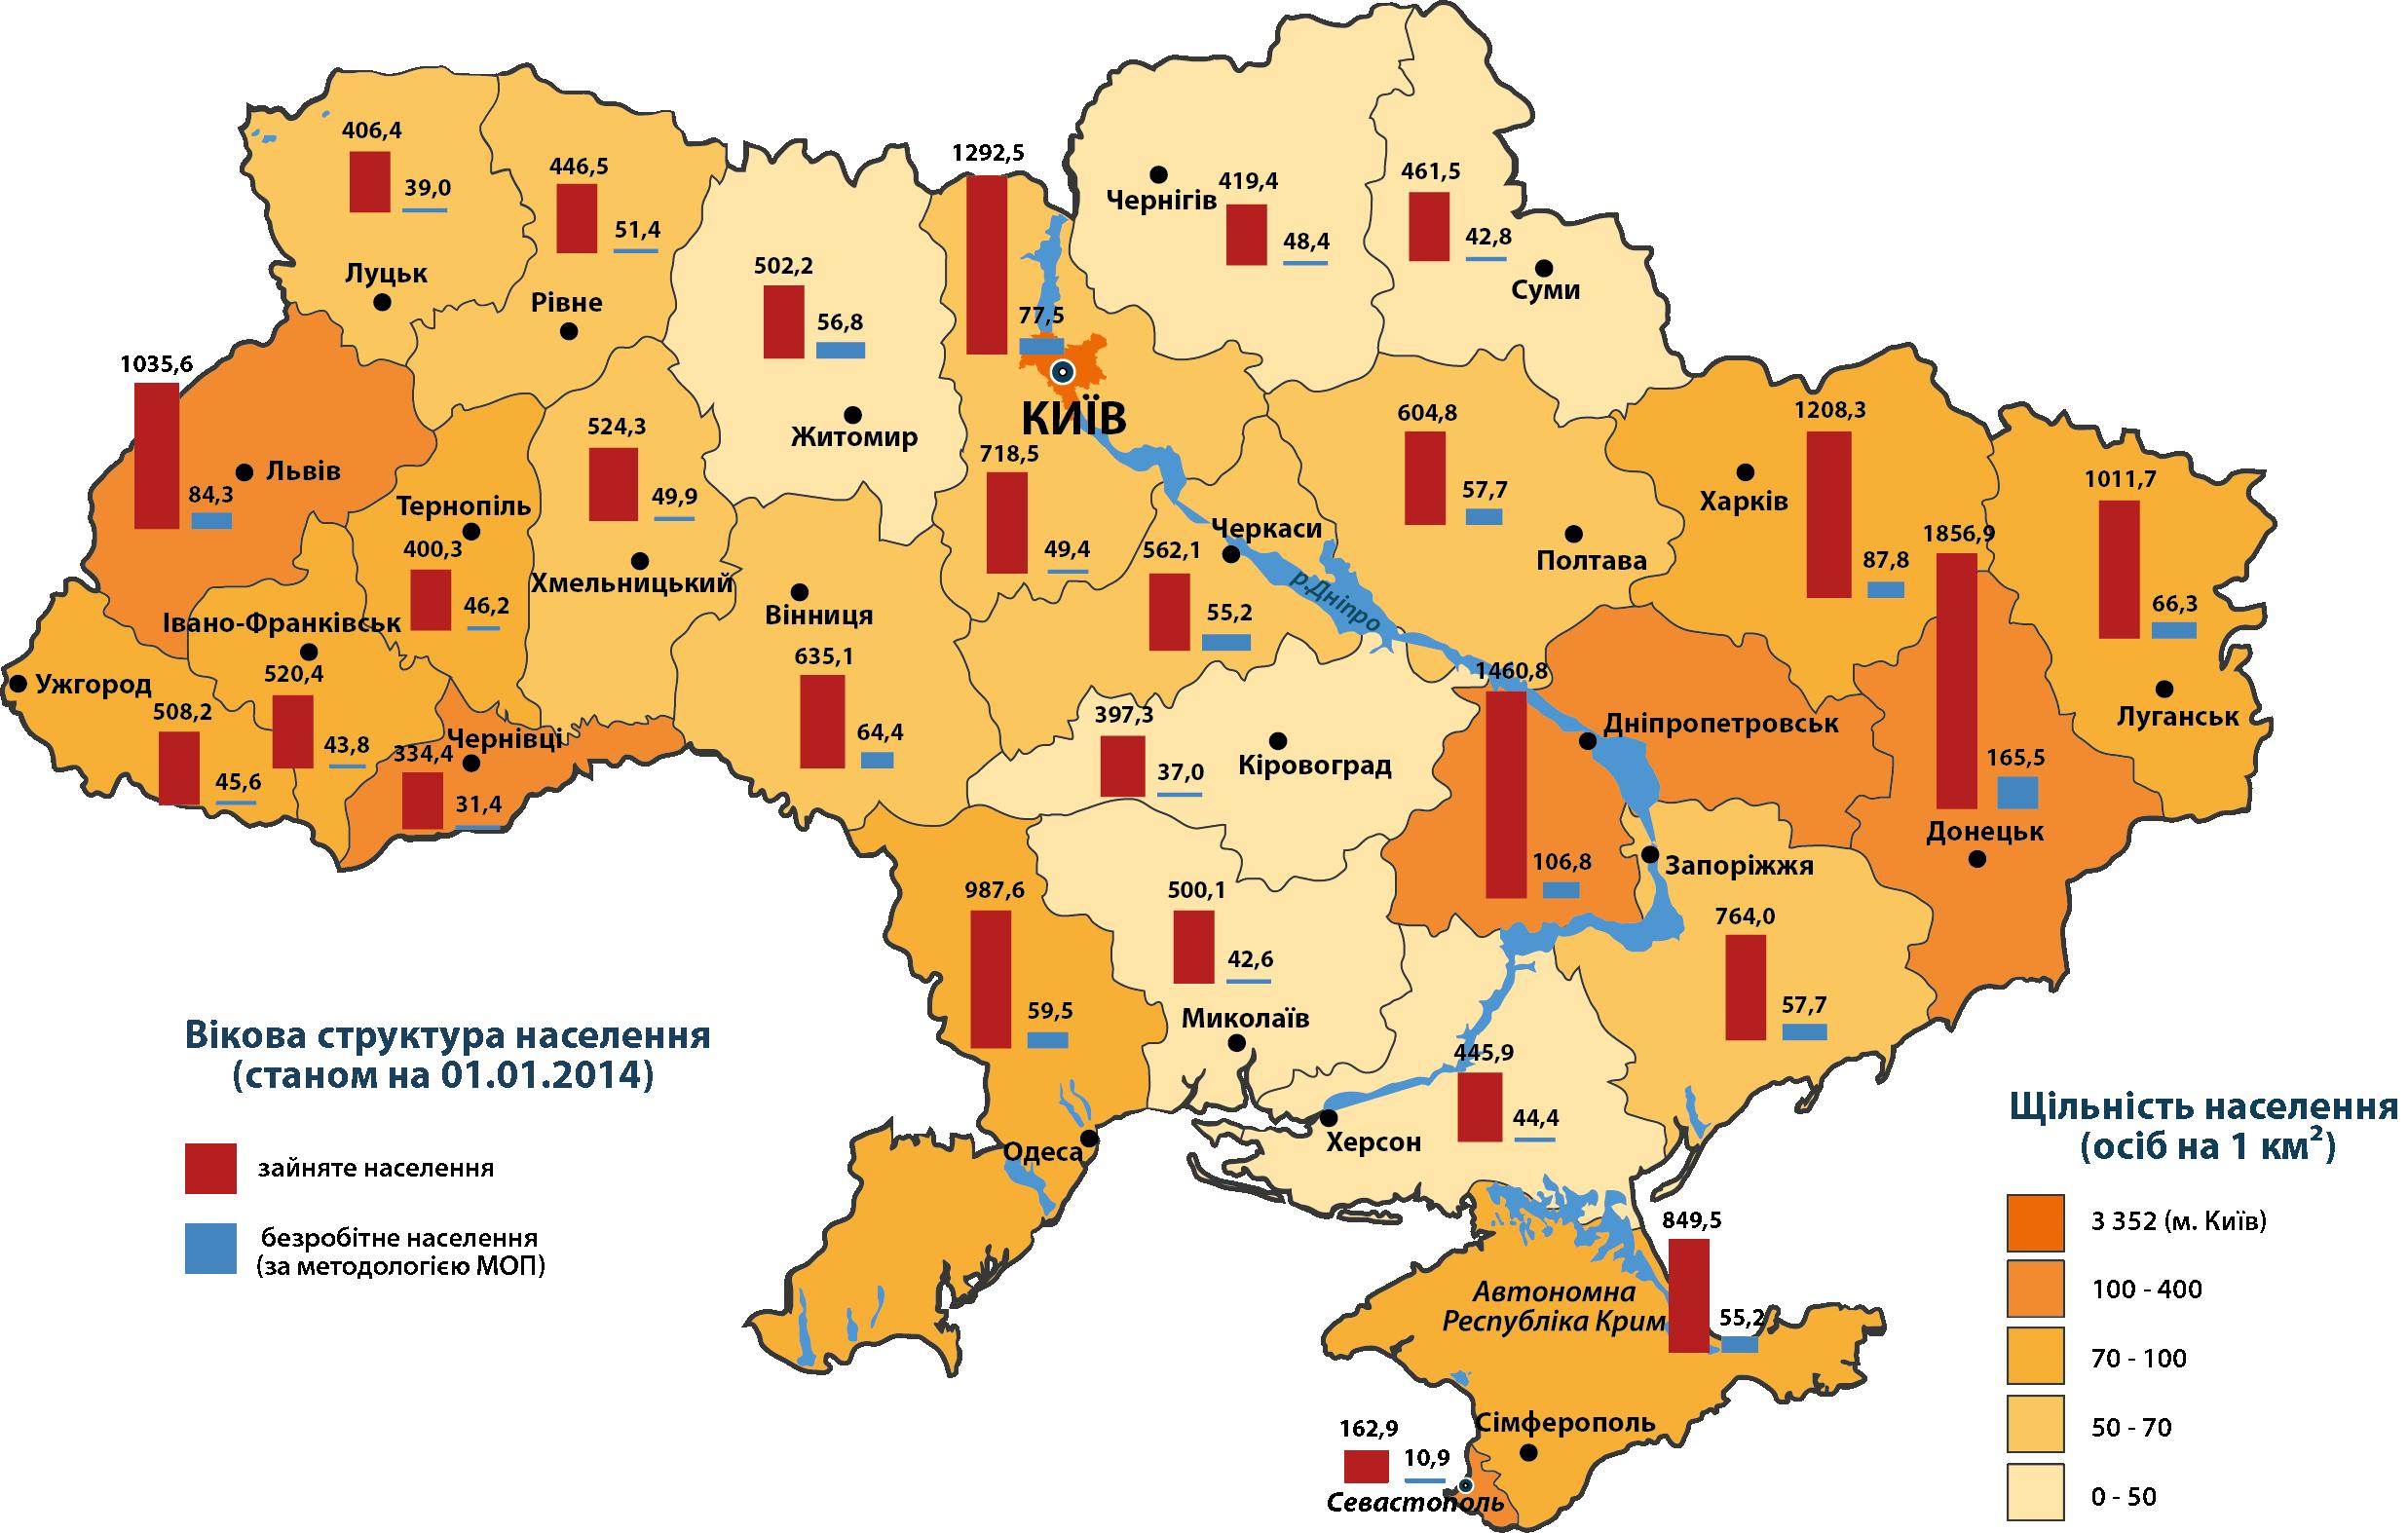 Плотность населения Украины карта